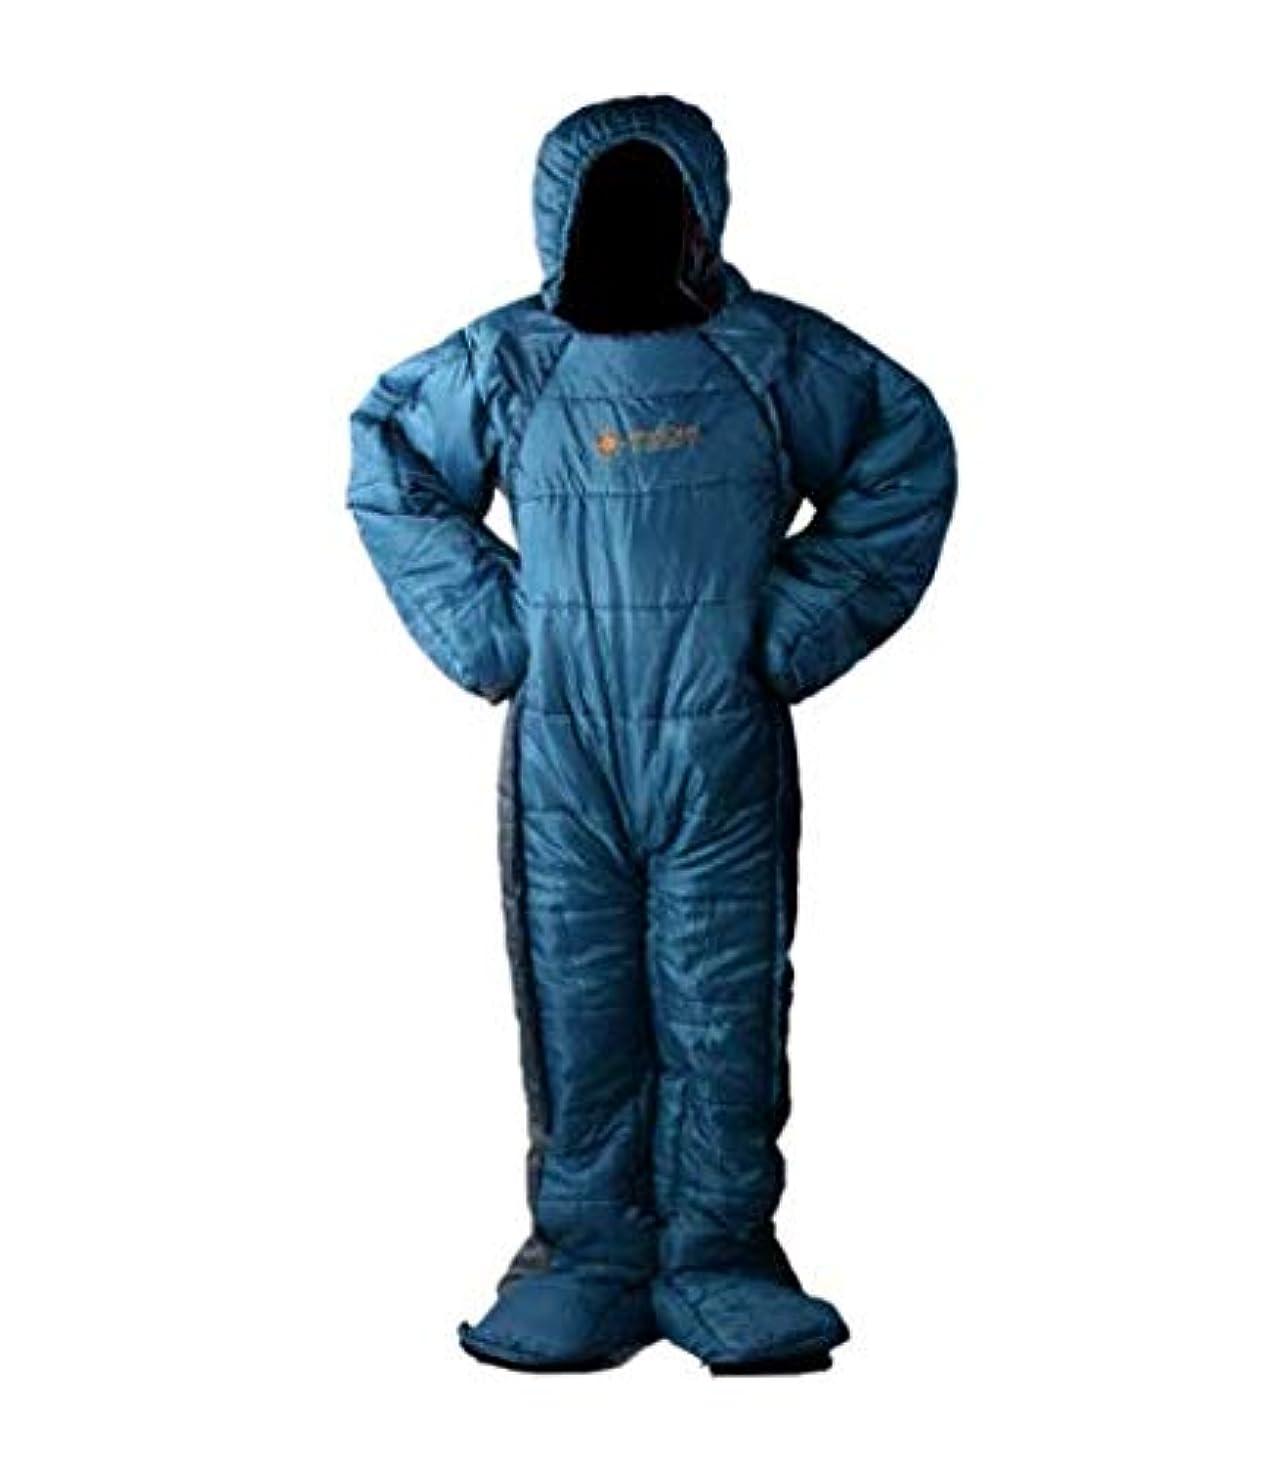 テクトニック確認病気人間の寝袋人間の寝袋は寝袋暖かい屋外のミイラの寝袋を伴う寝袋キャンプ寝袋を歩くことができます (Size : M)